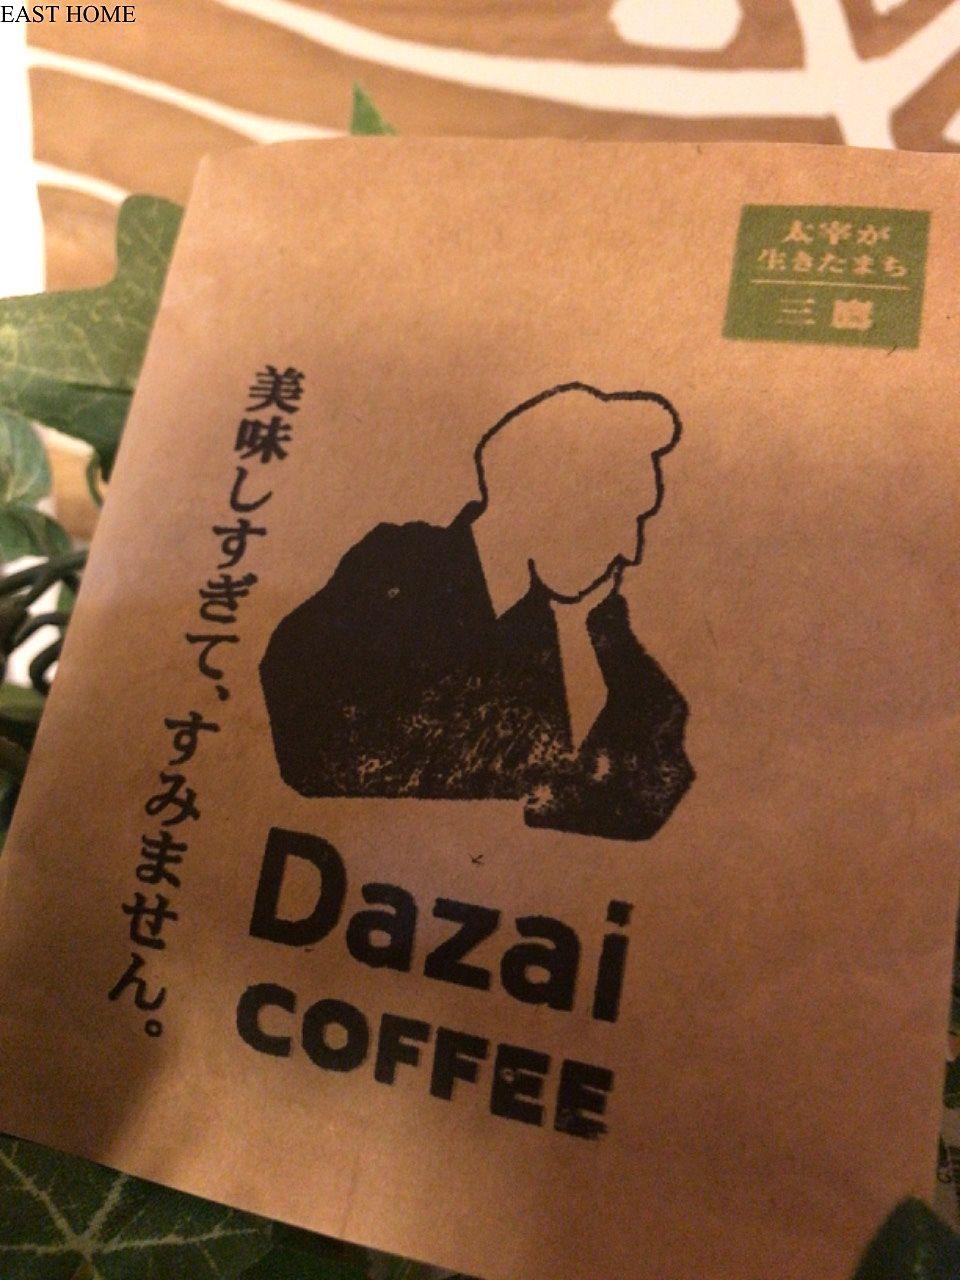 太宰が生きた街、三鷹のDazai COFFEE